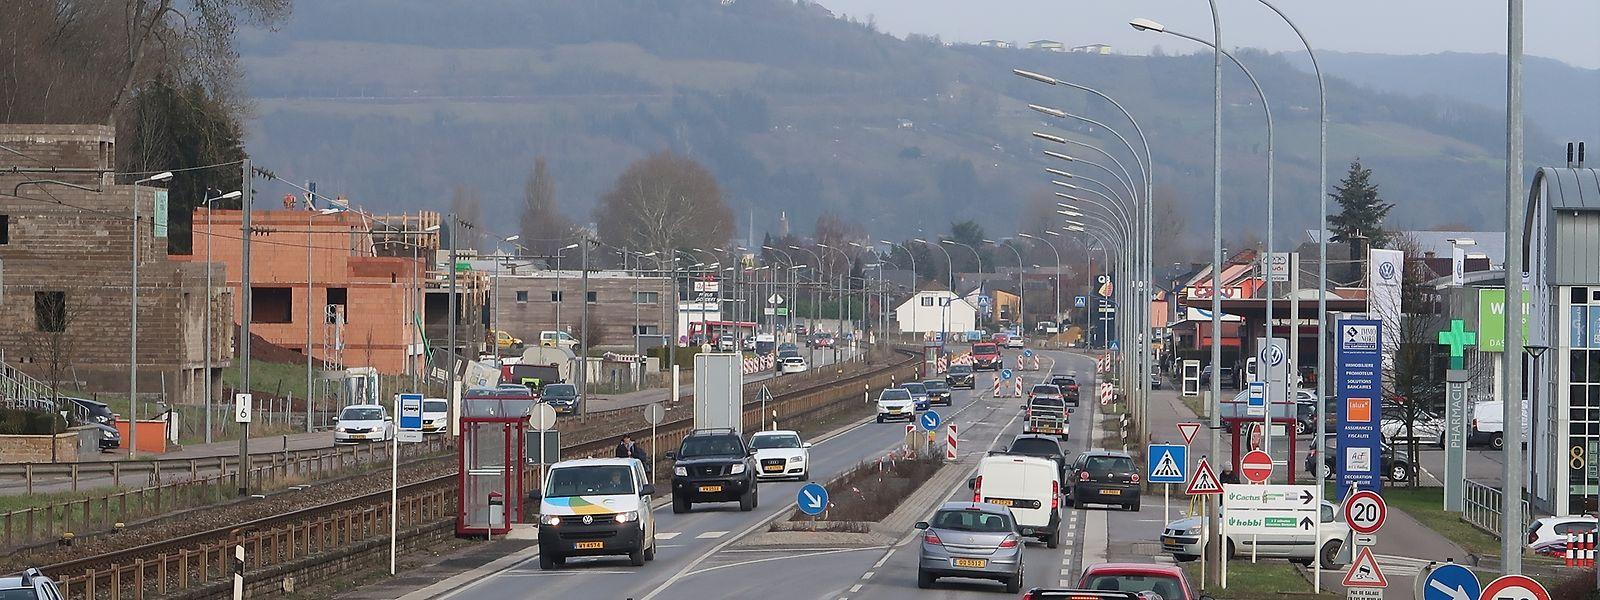 Bis Mitte 2020 soll die Zentralachse Ettelbrück-Diekirch zum multimodalen Korridor werden, in dem der Bus dank separater Spuren Vorfahrt erhalten soll.